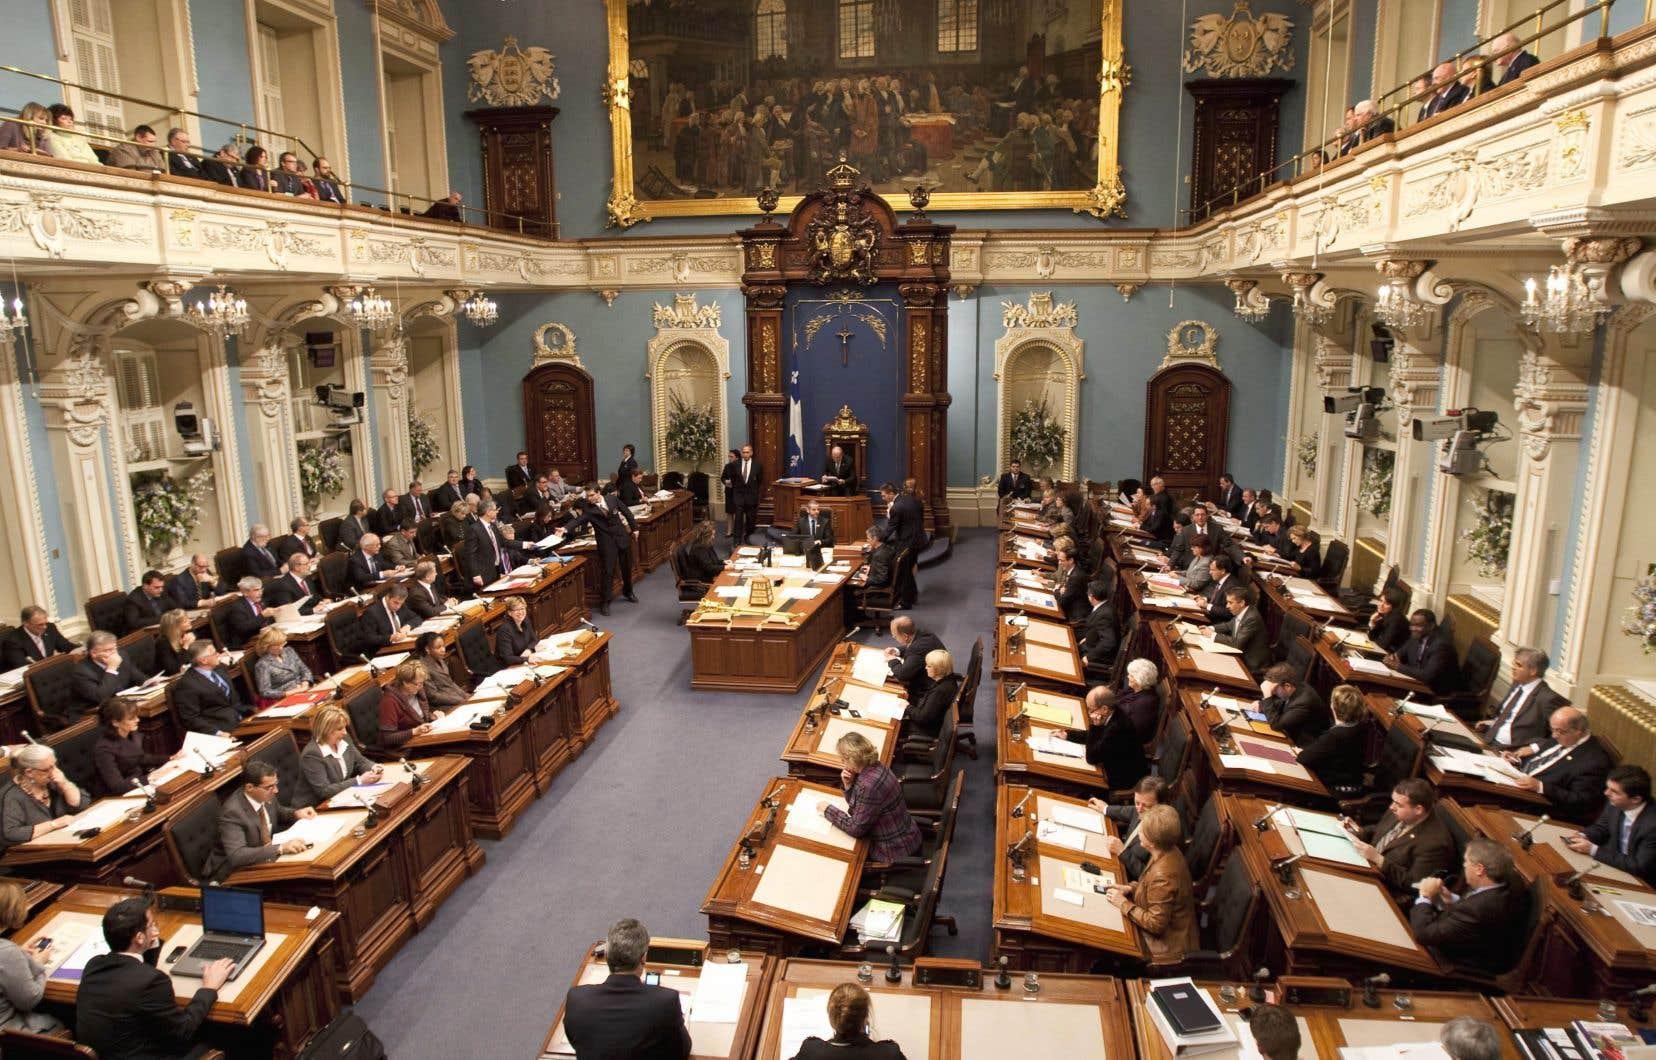 Les chefs des partis politiques ont pris acte du déficit de représentation des femmes à l'Assemblée nationale et ont lancé de réels efforts afin de hausser le nombre de candidatures féminines qu'ils présenteront aux prochaines élections, selon les auteurs.